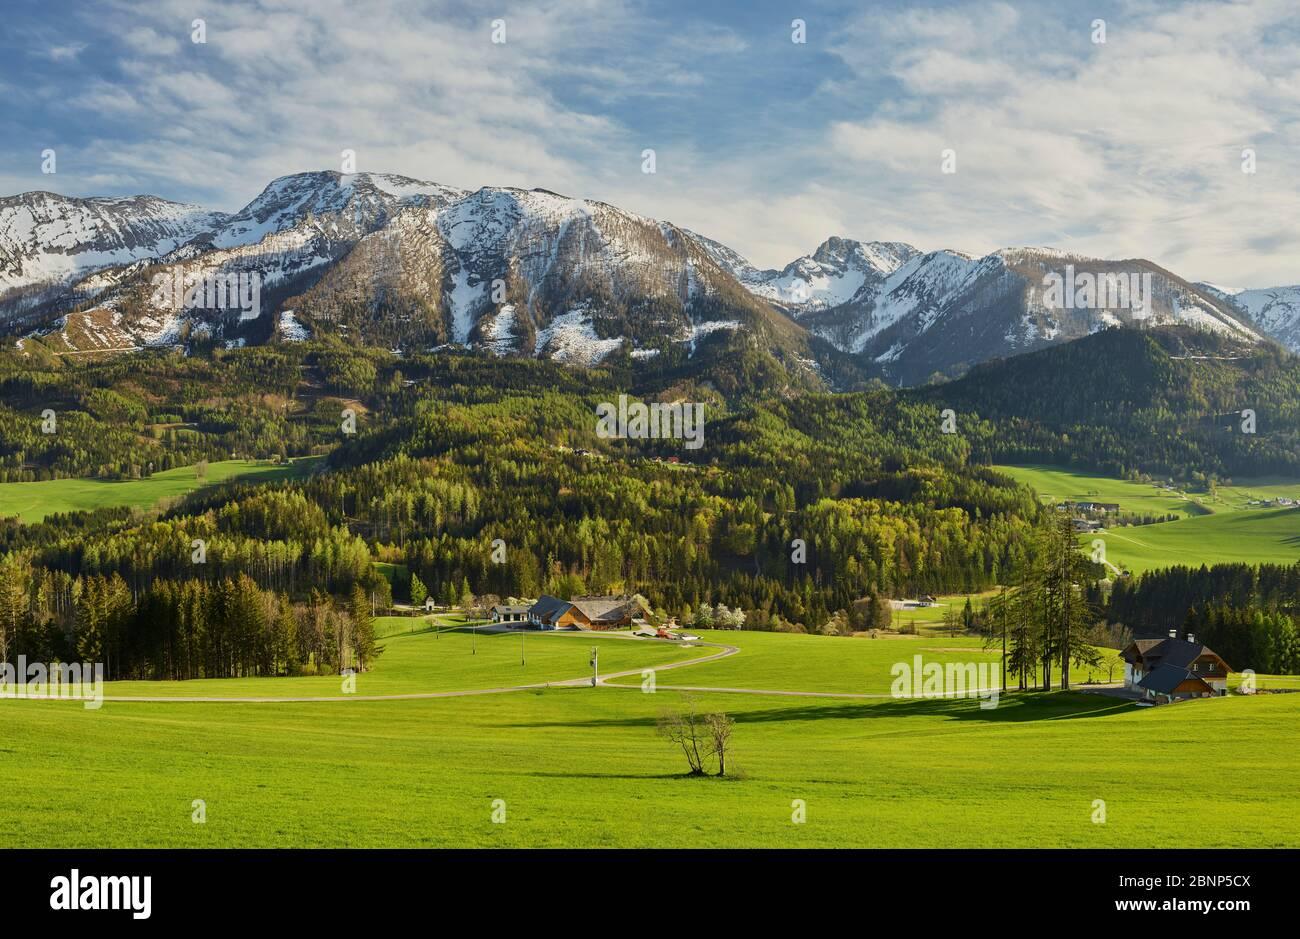 Warscheneck, Totes Gebirge, Vorderstoder, Northern Limestone Alps, Upper Austria, Austria Stock Photo